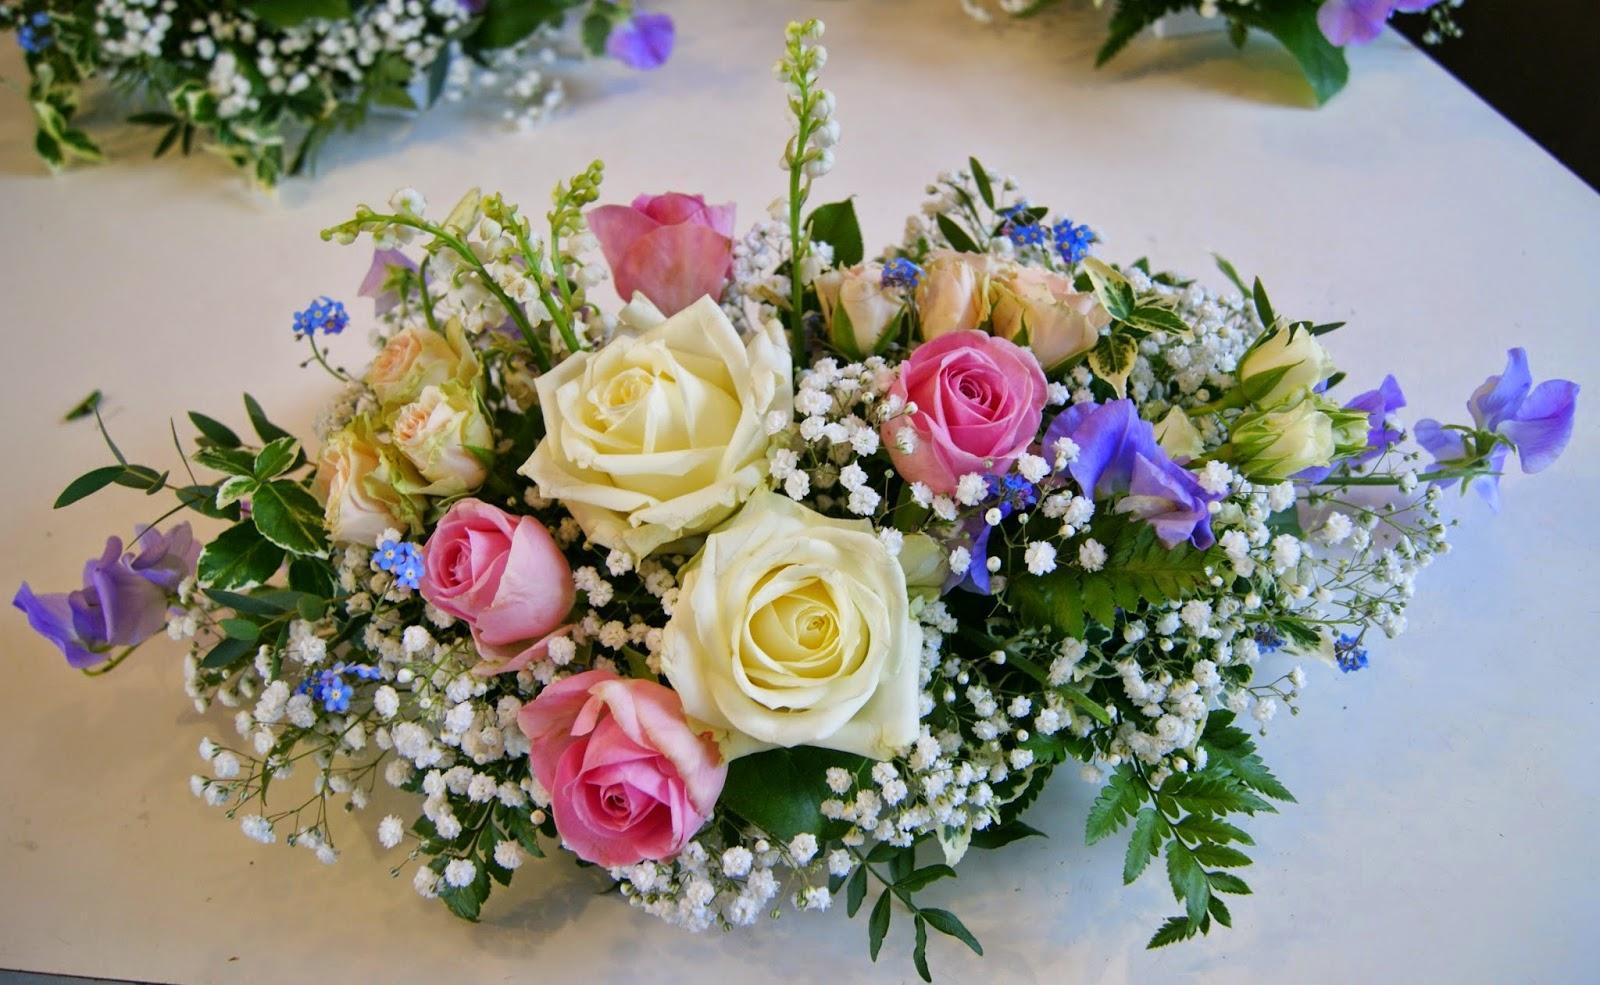 des magnolias sur ma voie lact e centres de table mariage en pastels blanc rose bleu. Black Bedroom Furniture Sets. Home Design Ideas